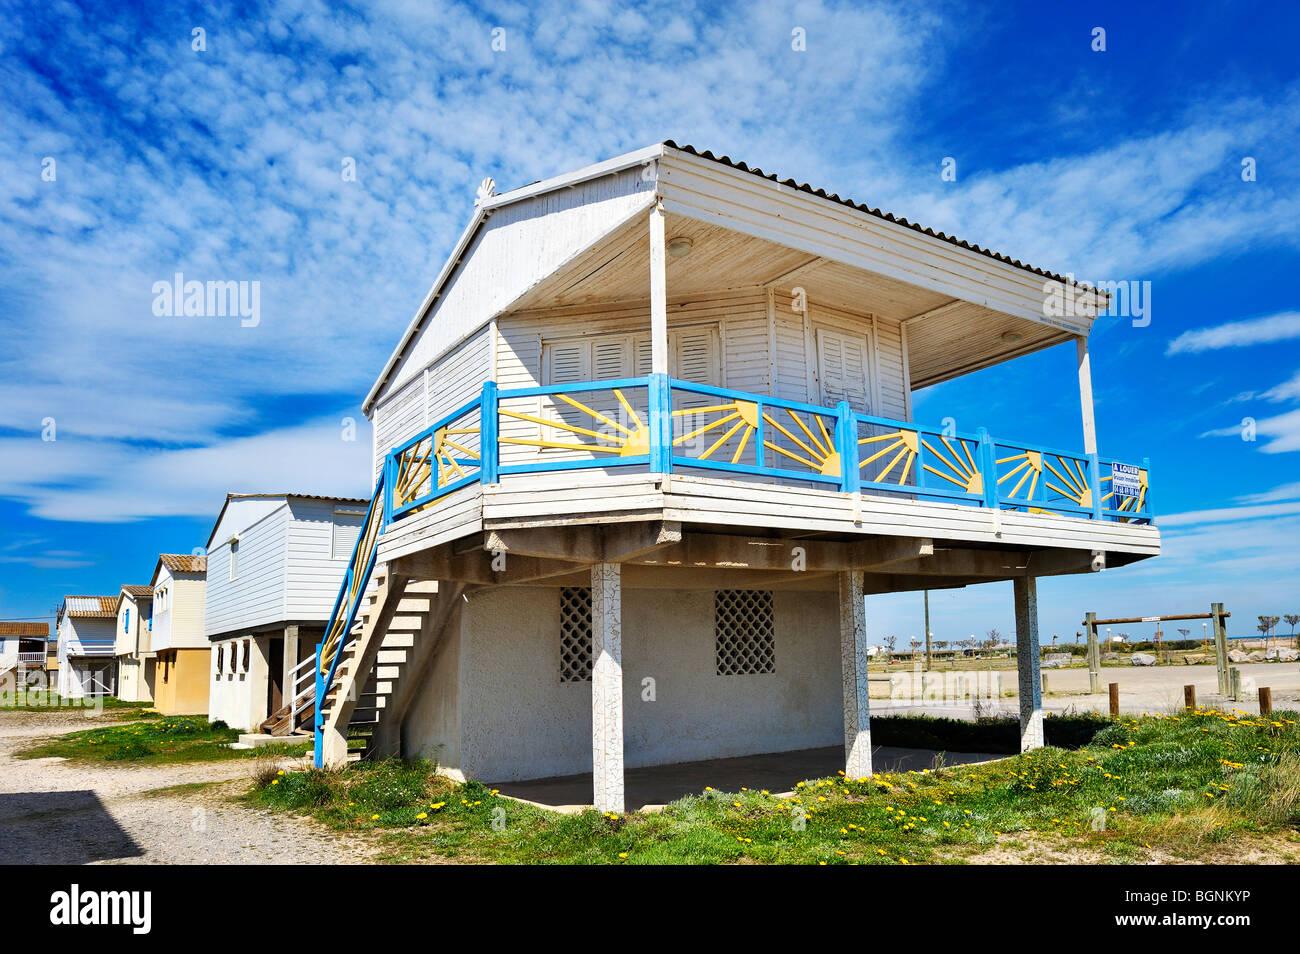 Plage Des Chalets A Gruissan gruissan plage stock photos & gruissan plage stock images